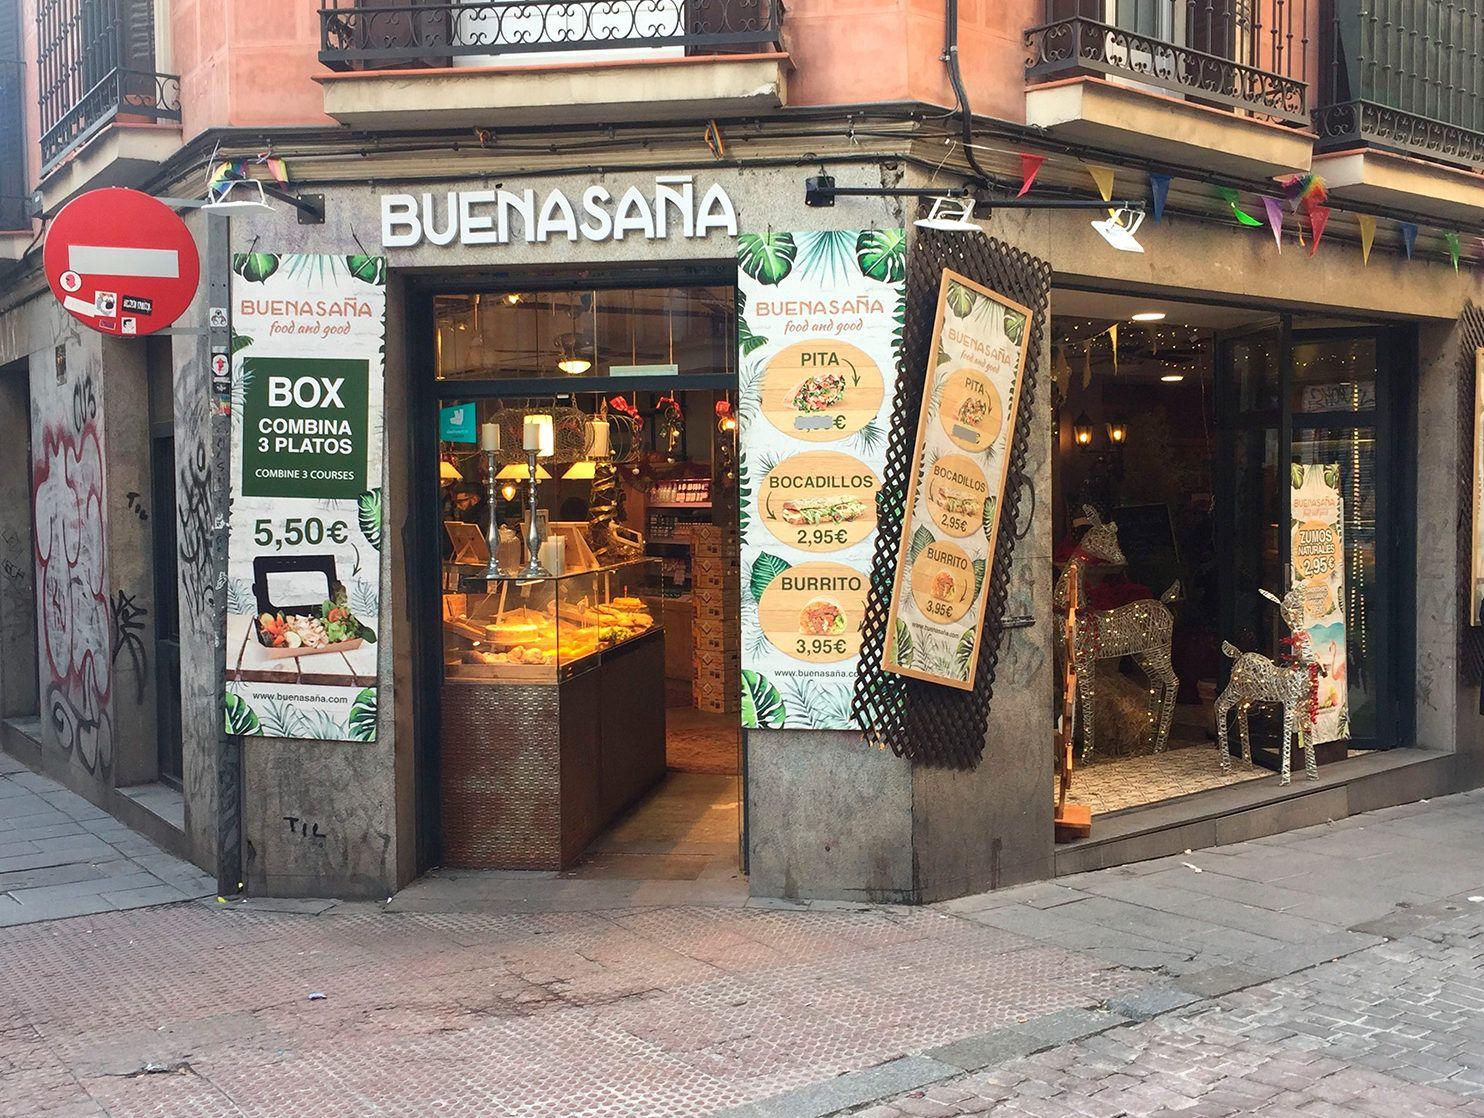 Visión frontal del restaurante Buenasaña